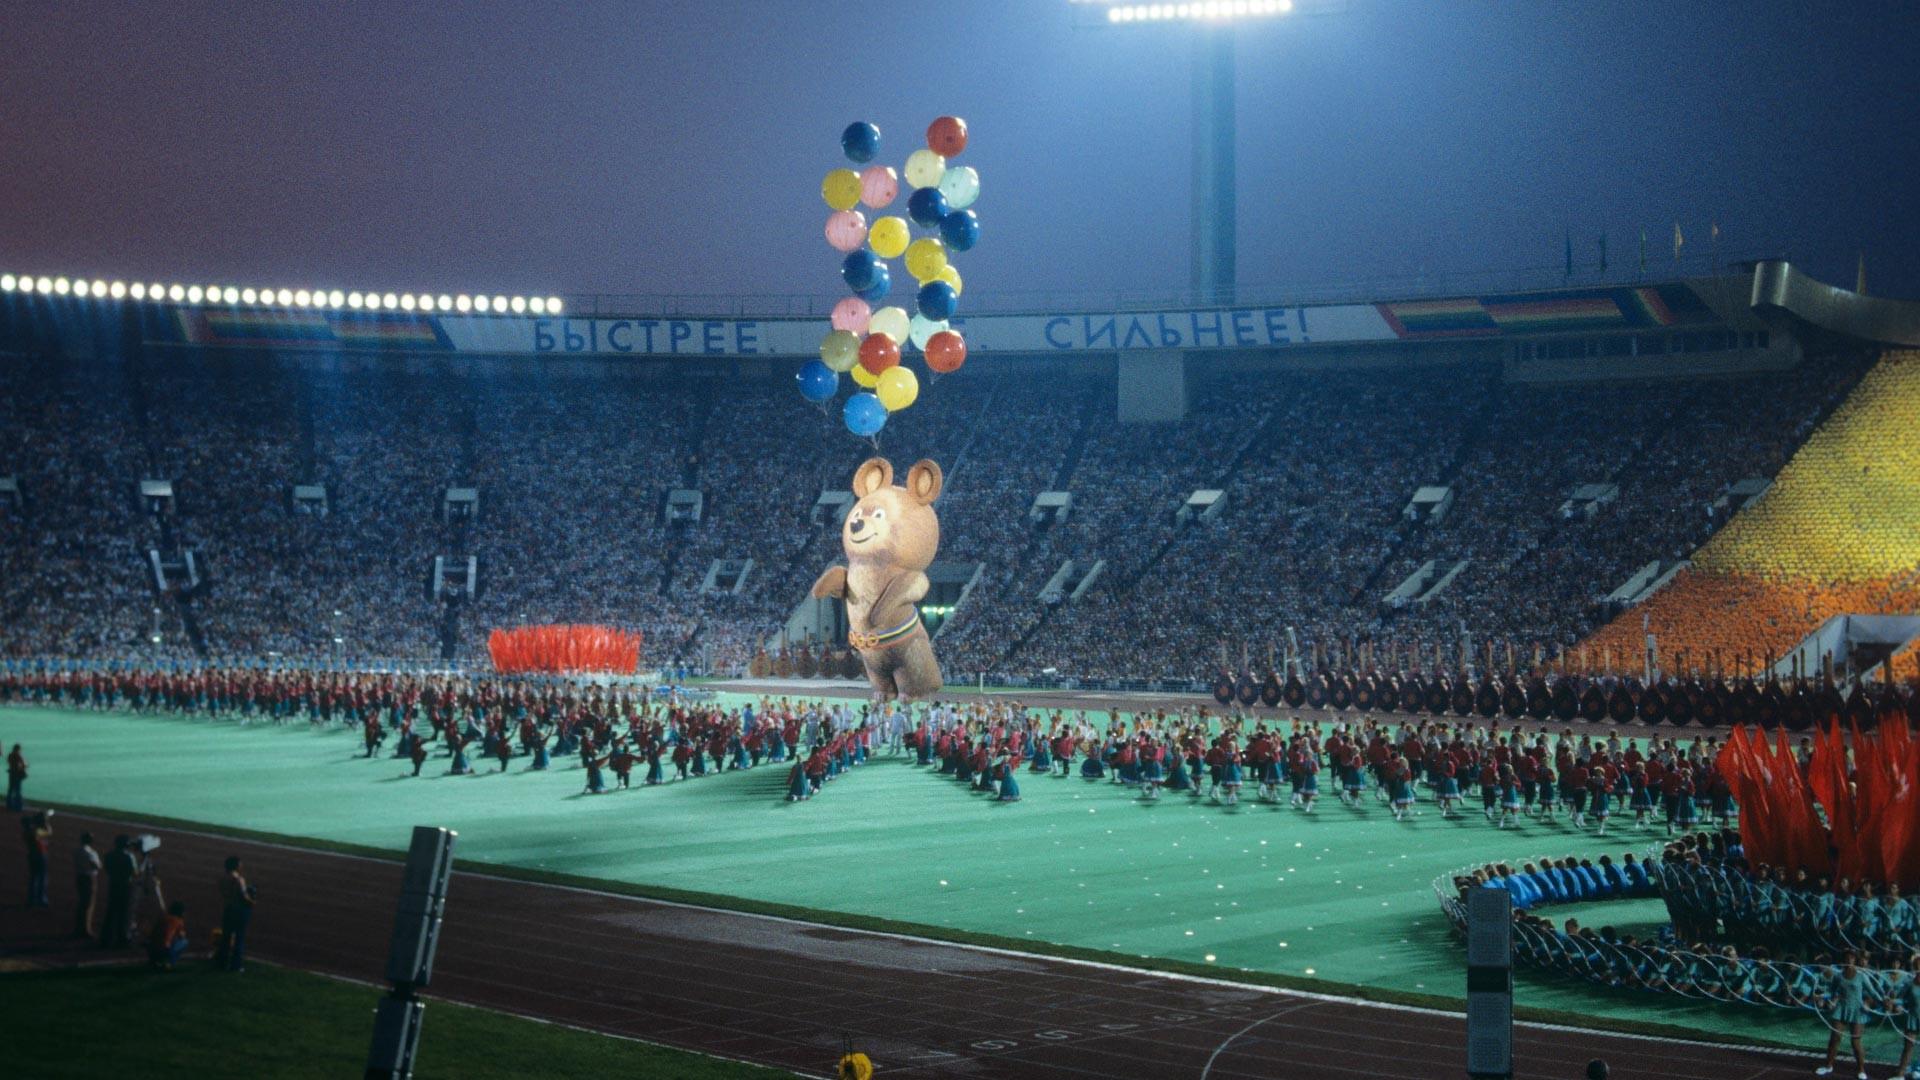 第22回夏季オリンピックの閉会式